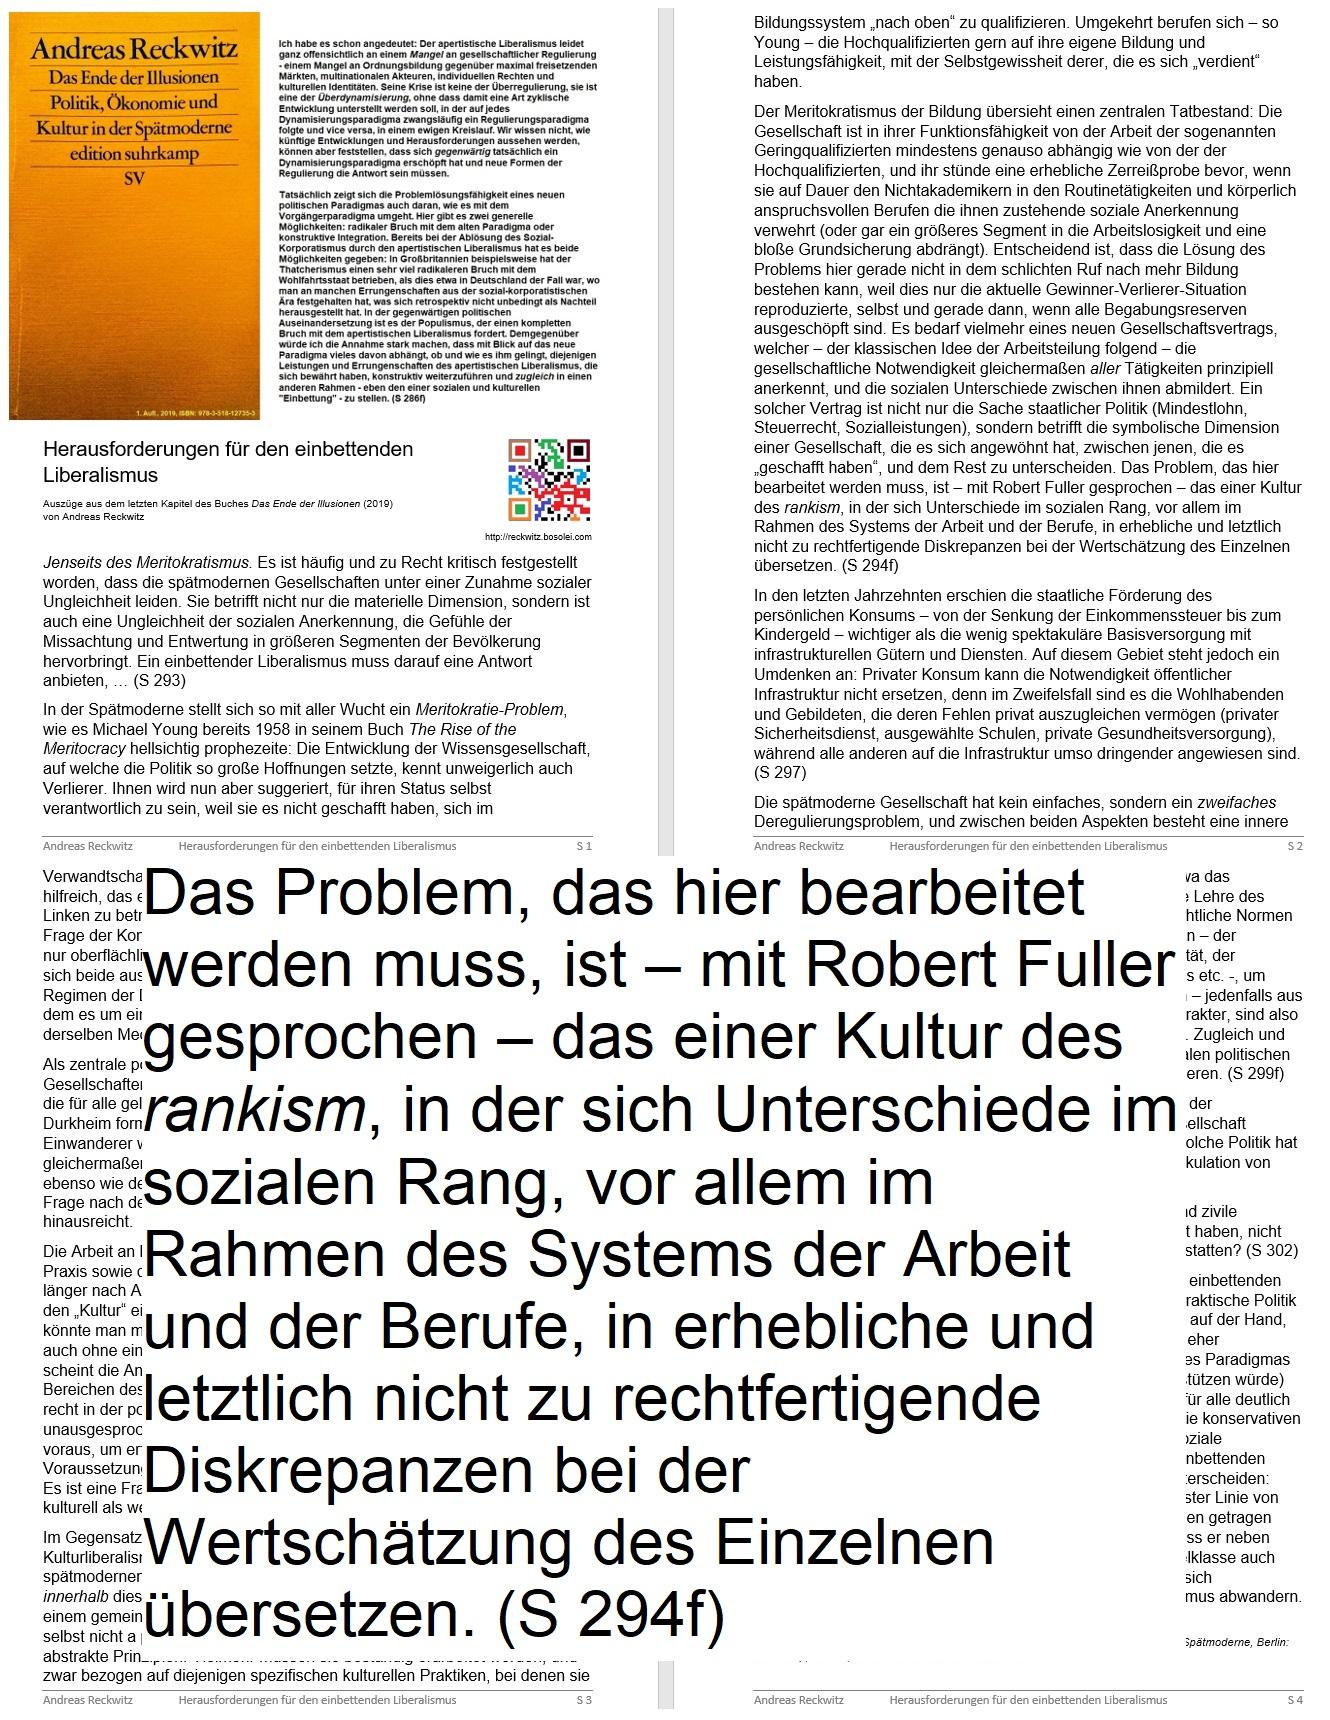 2019-12-06_Andreas-Reckwitz_Das-Ende-der-Illusionen_Herausforderungen_mit-hervorgehobenem-Text